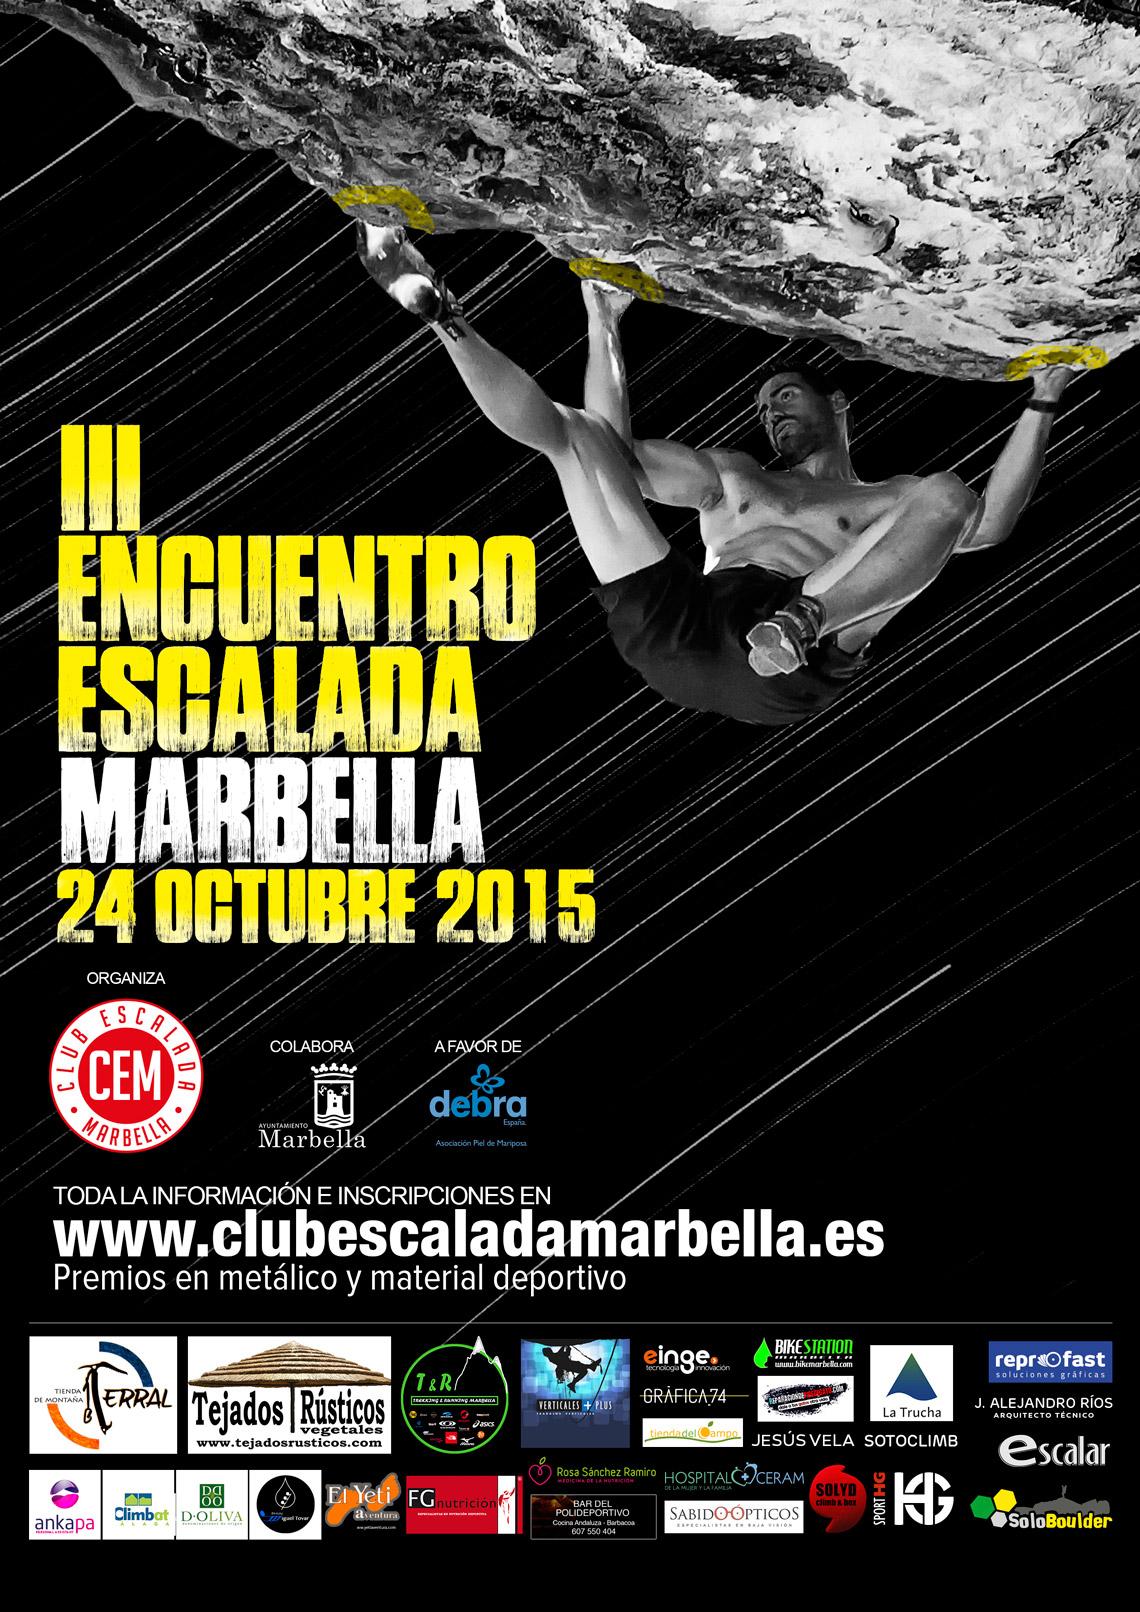 III Encuentro Escalada Marbella 2015